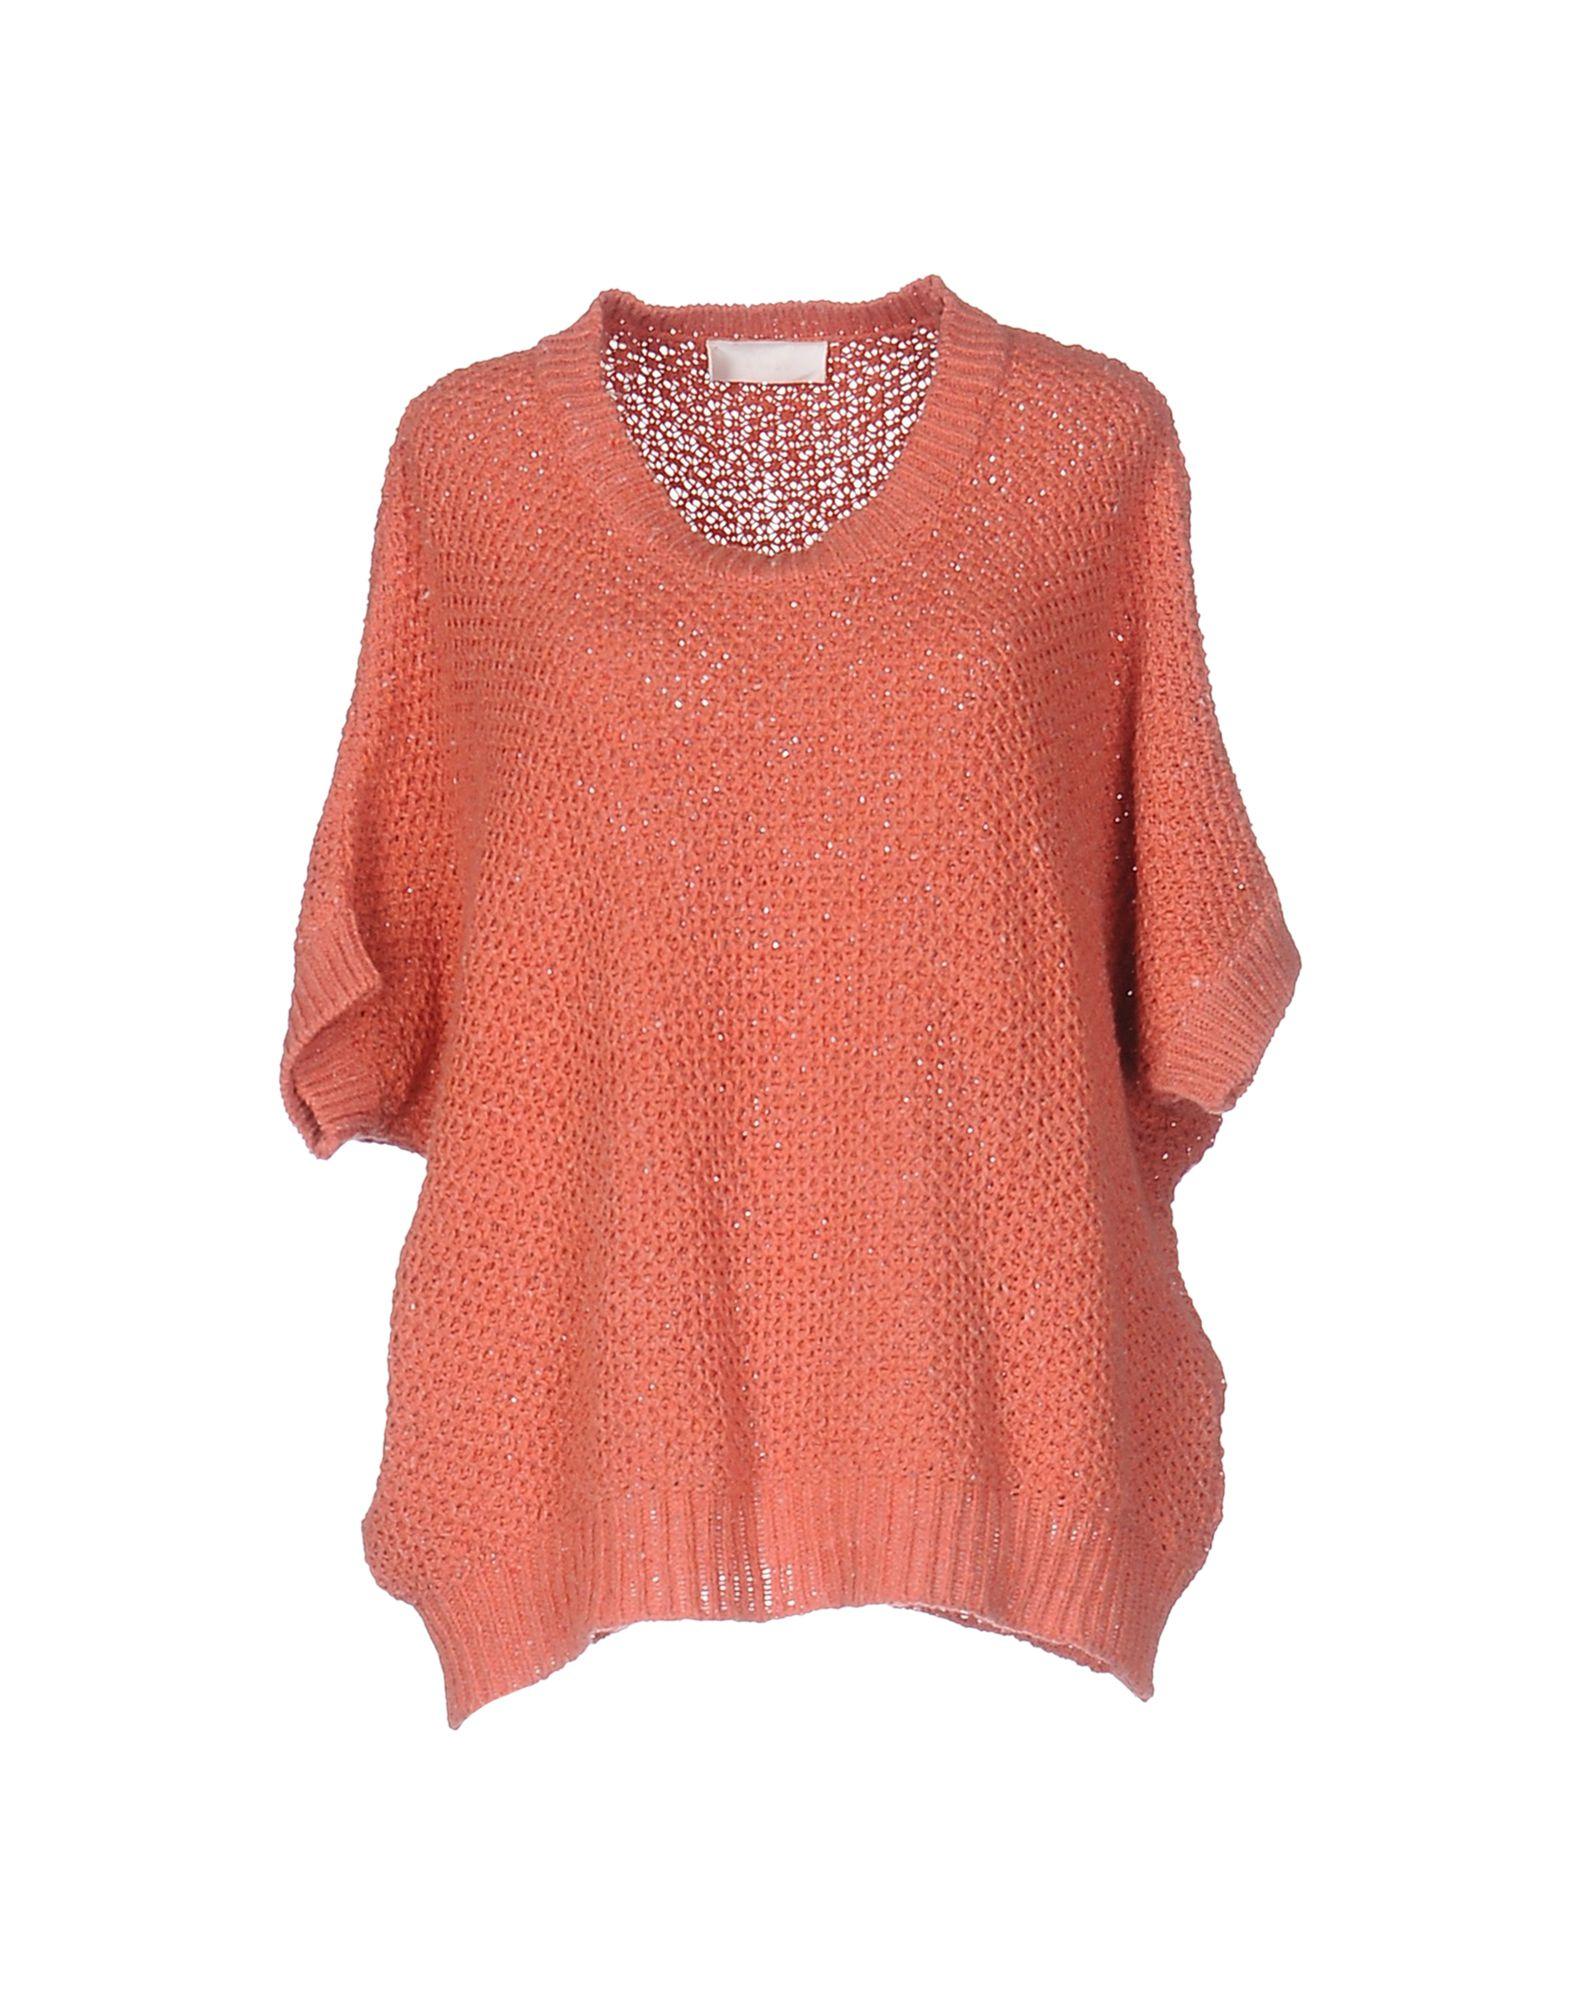 TOTON COMELLA - TCN Damen Pullover Farbe Koralle Größe 1